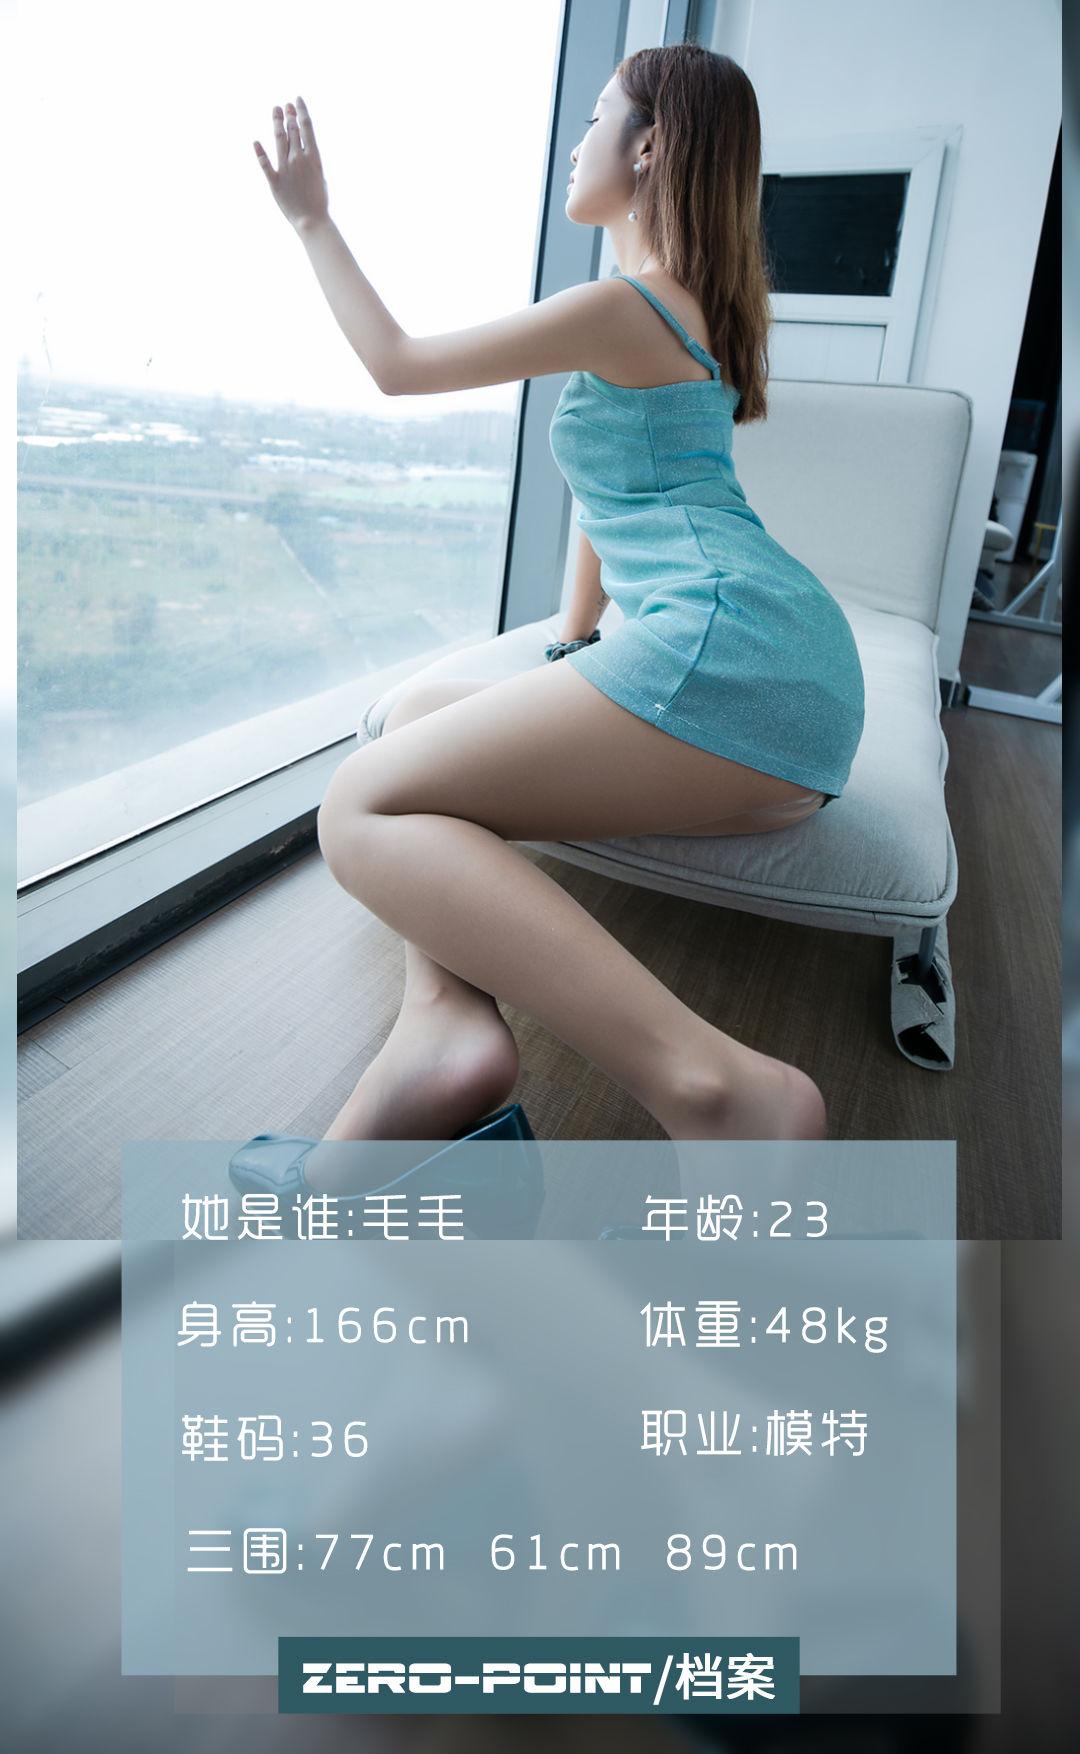 VOL.702 [LD零度]肉丝美腿:毛毛高品质写真套图(49P)